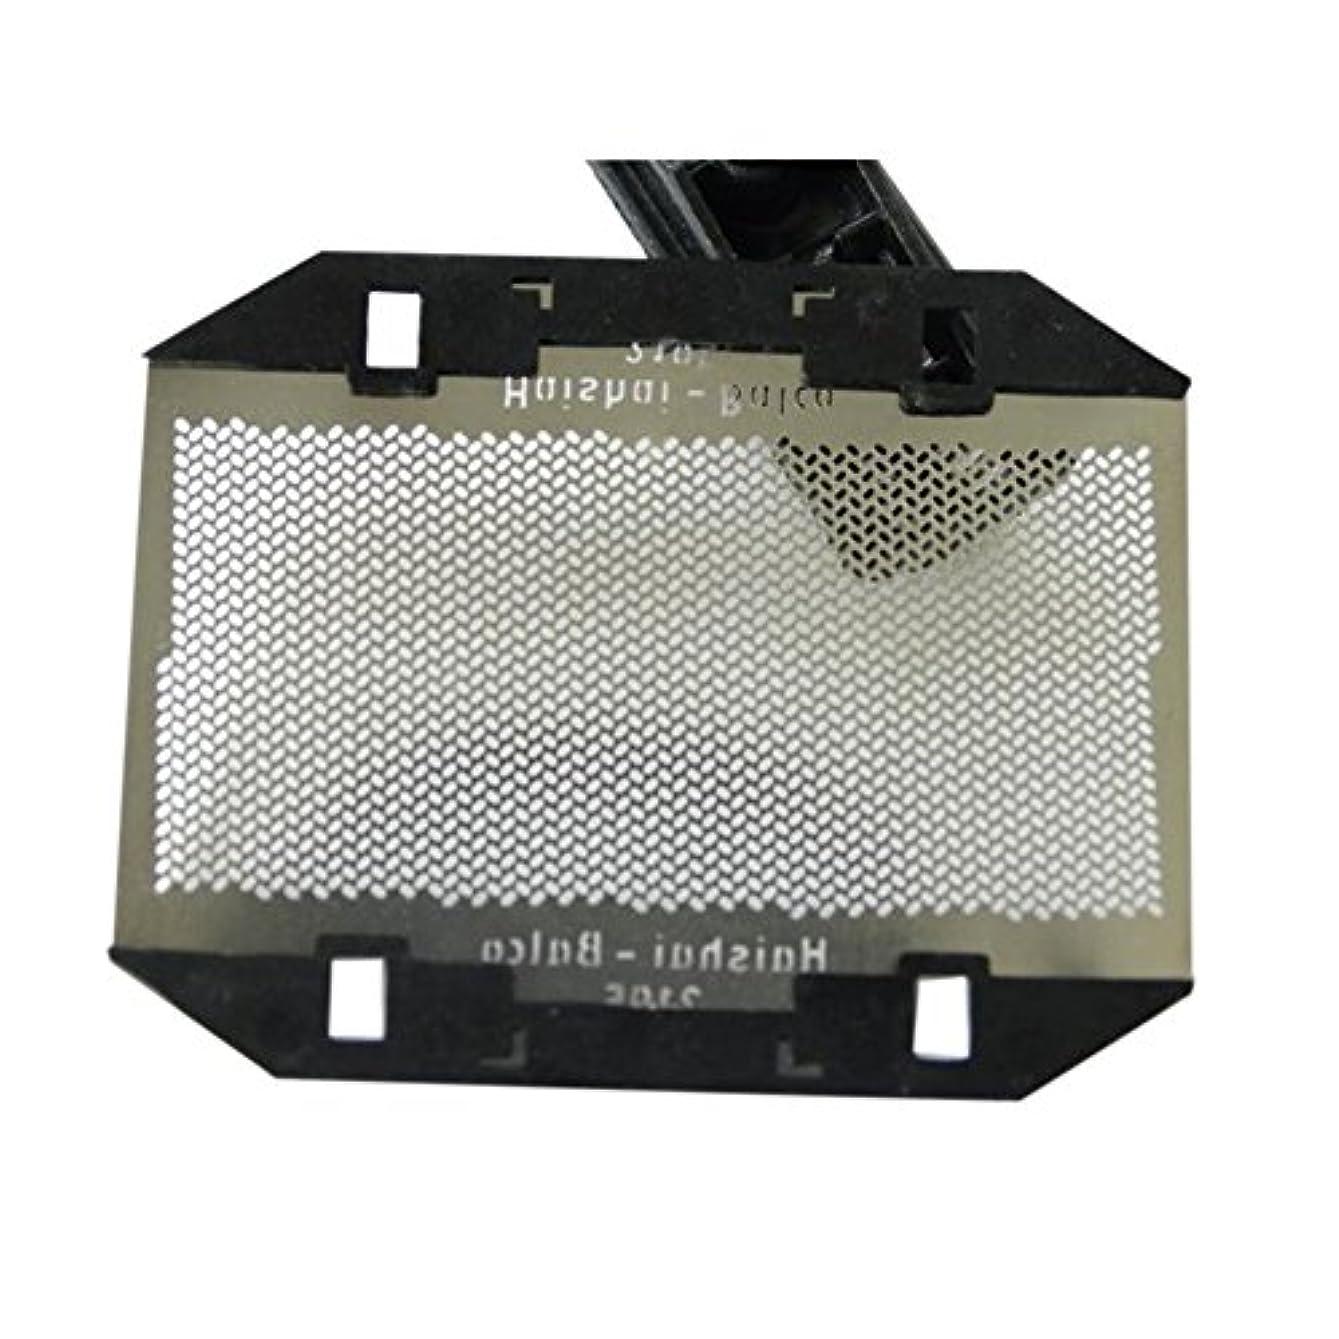 究極の相対サイズステップHZjundasi Replacement Outer ホイル for Panasonic ESRC30 ESRP20 ES9943